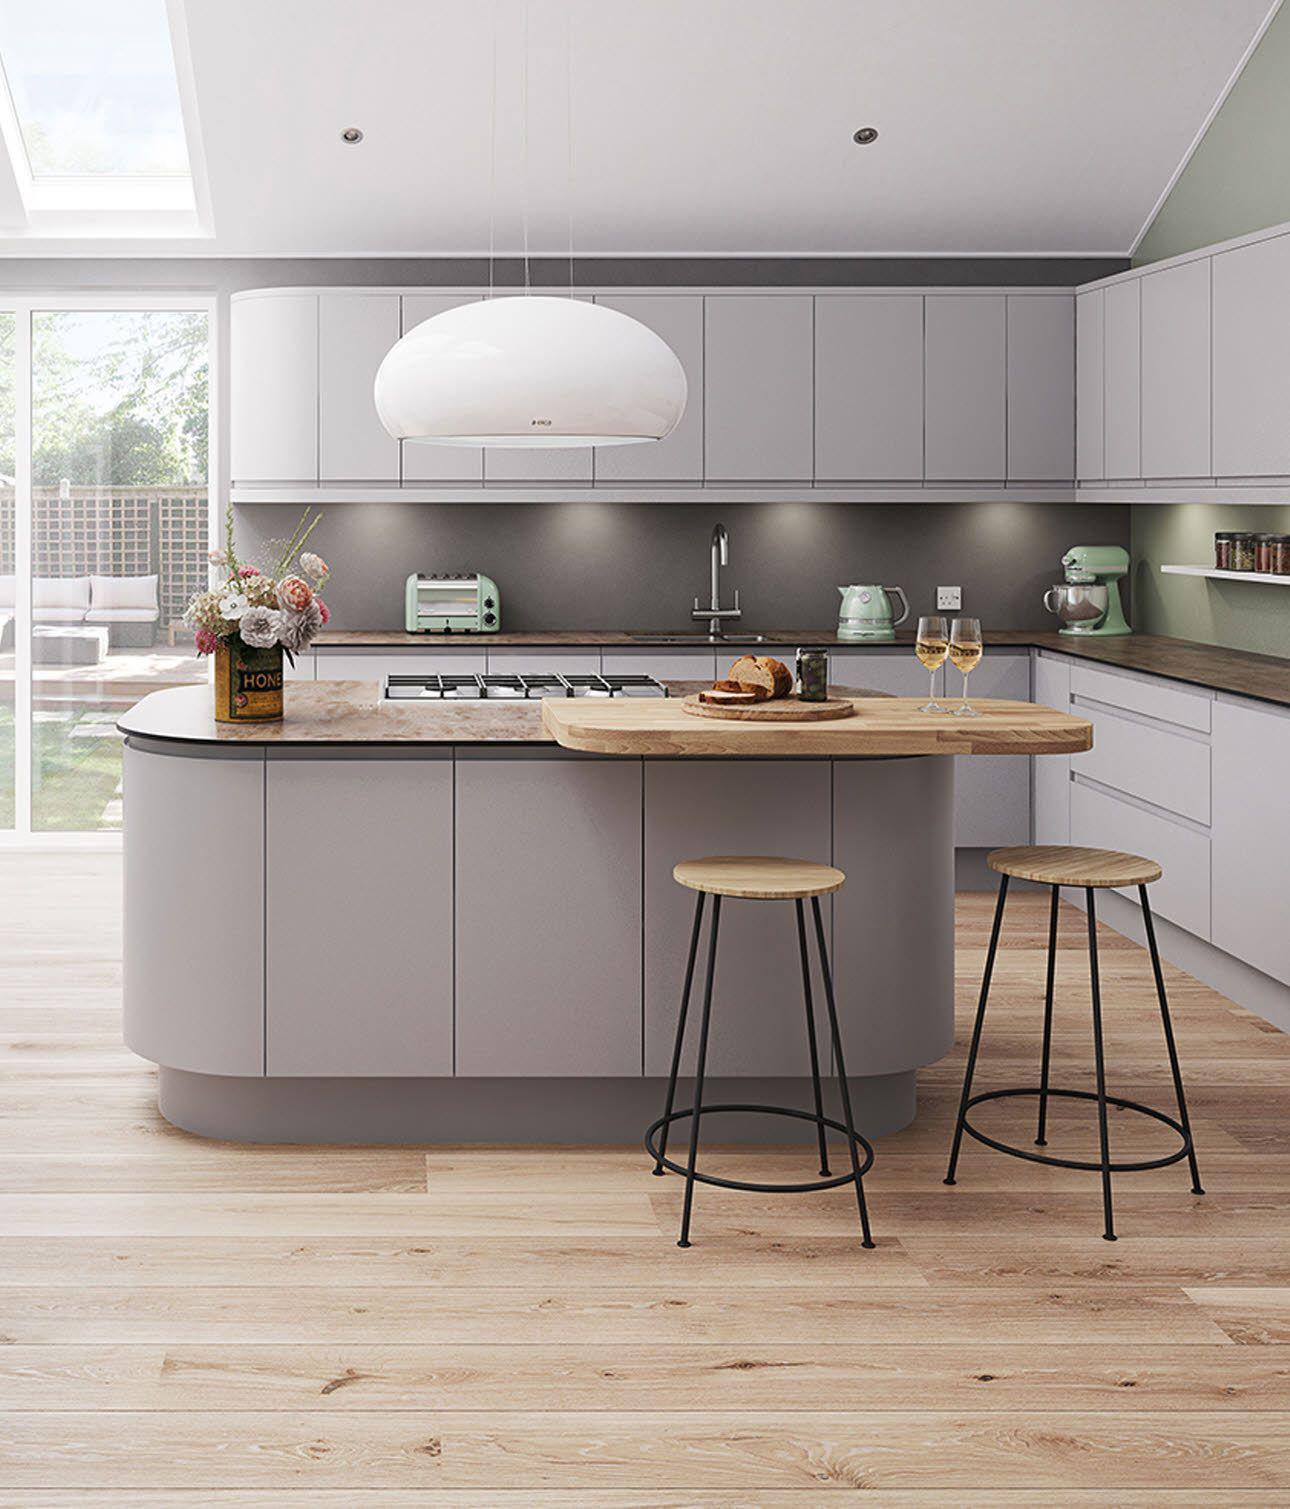 Kitchen Cabinet Light Design: Pin By Design Warrior On Kitchen Design